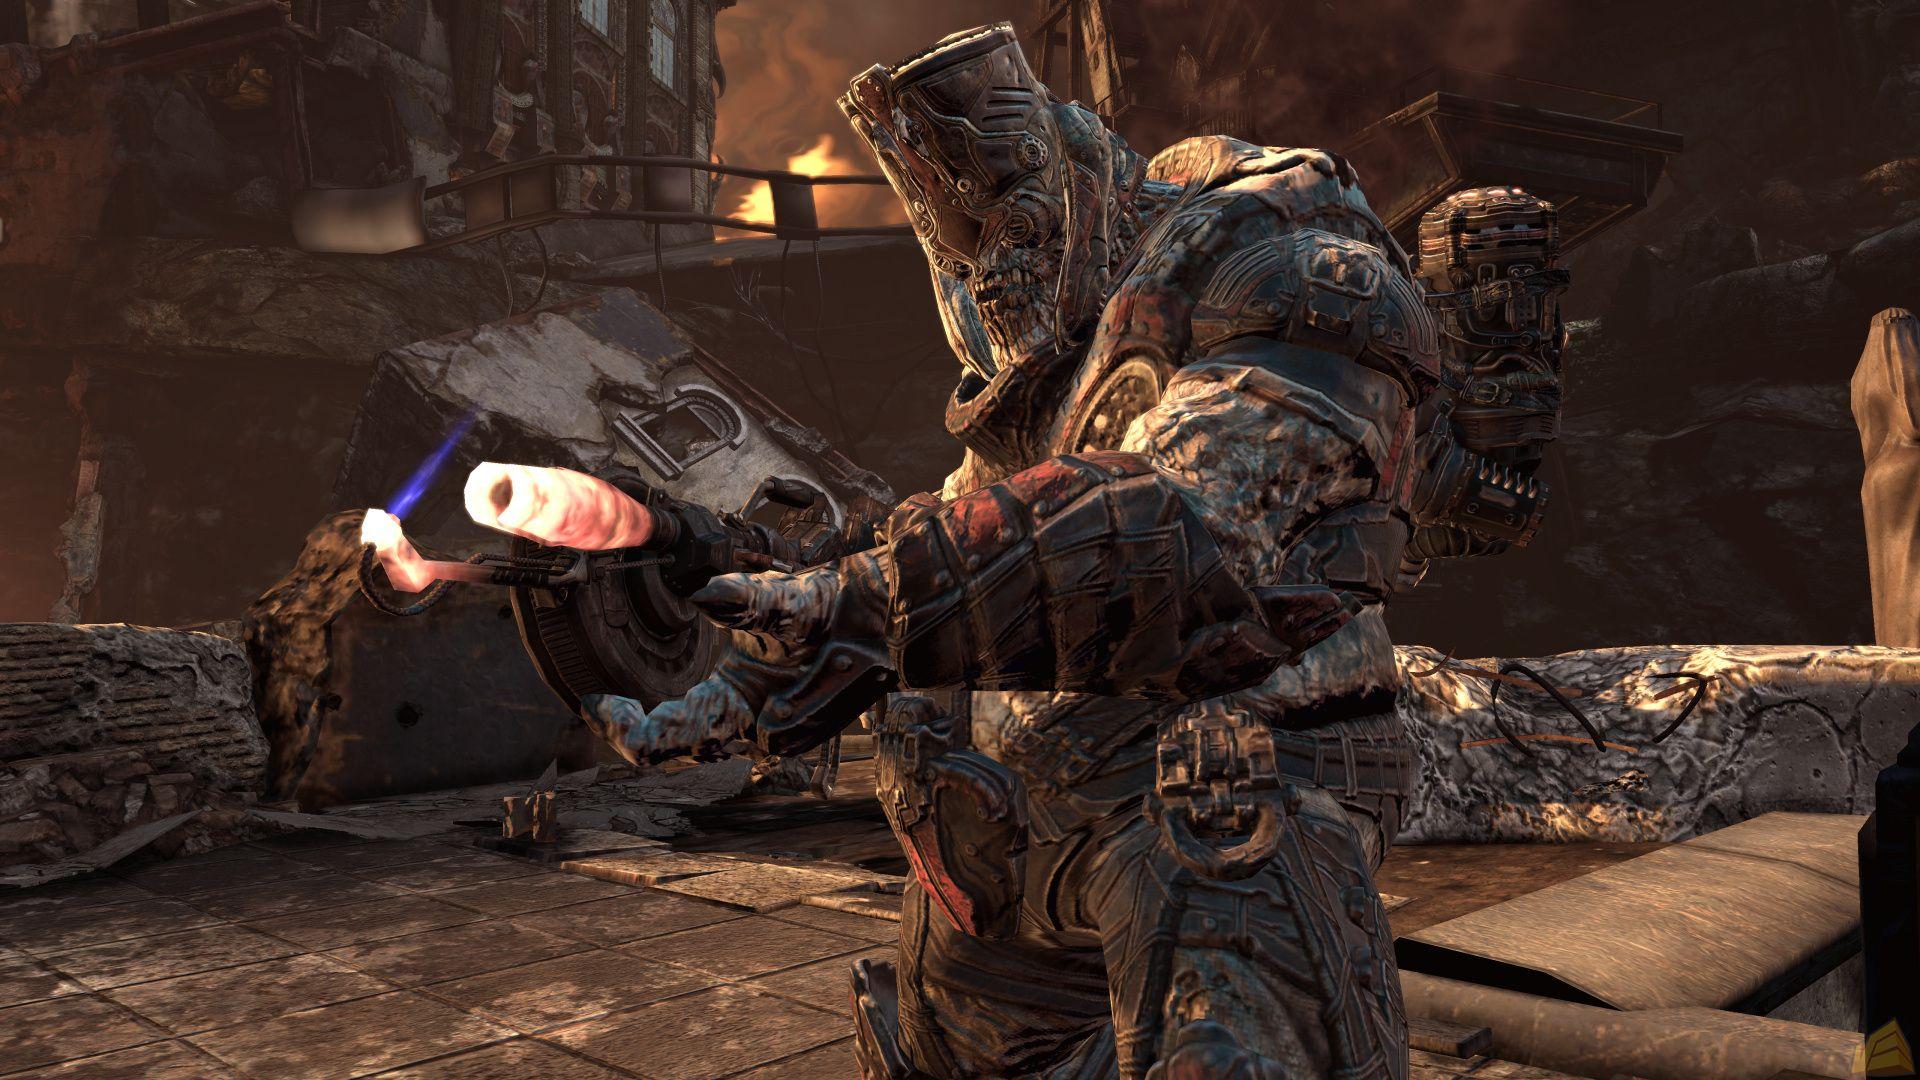 《战争机器2》e3游戏画面图片